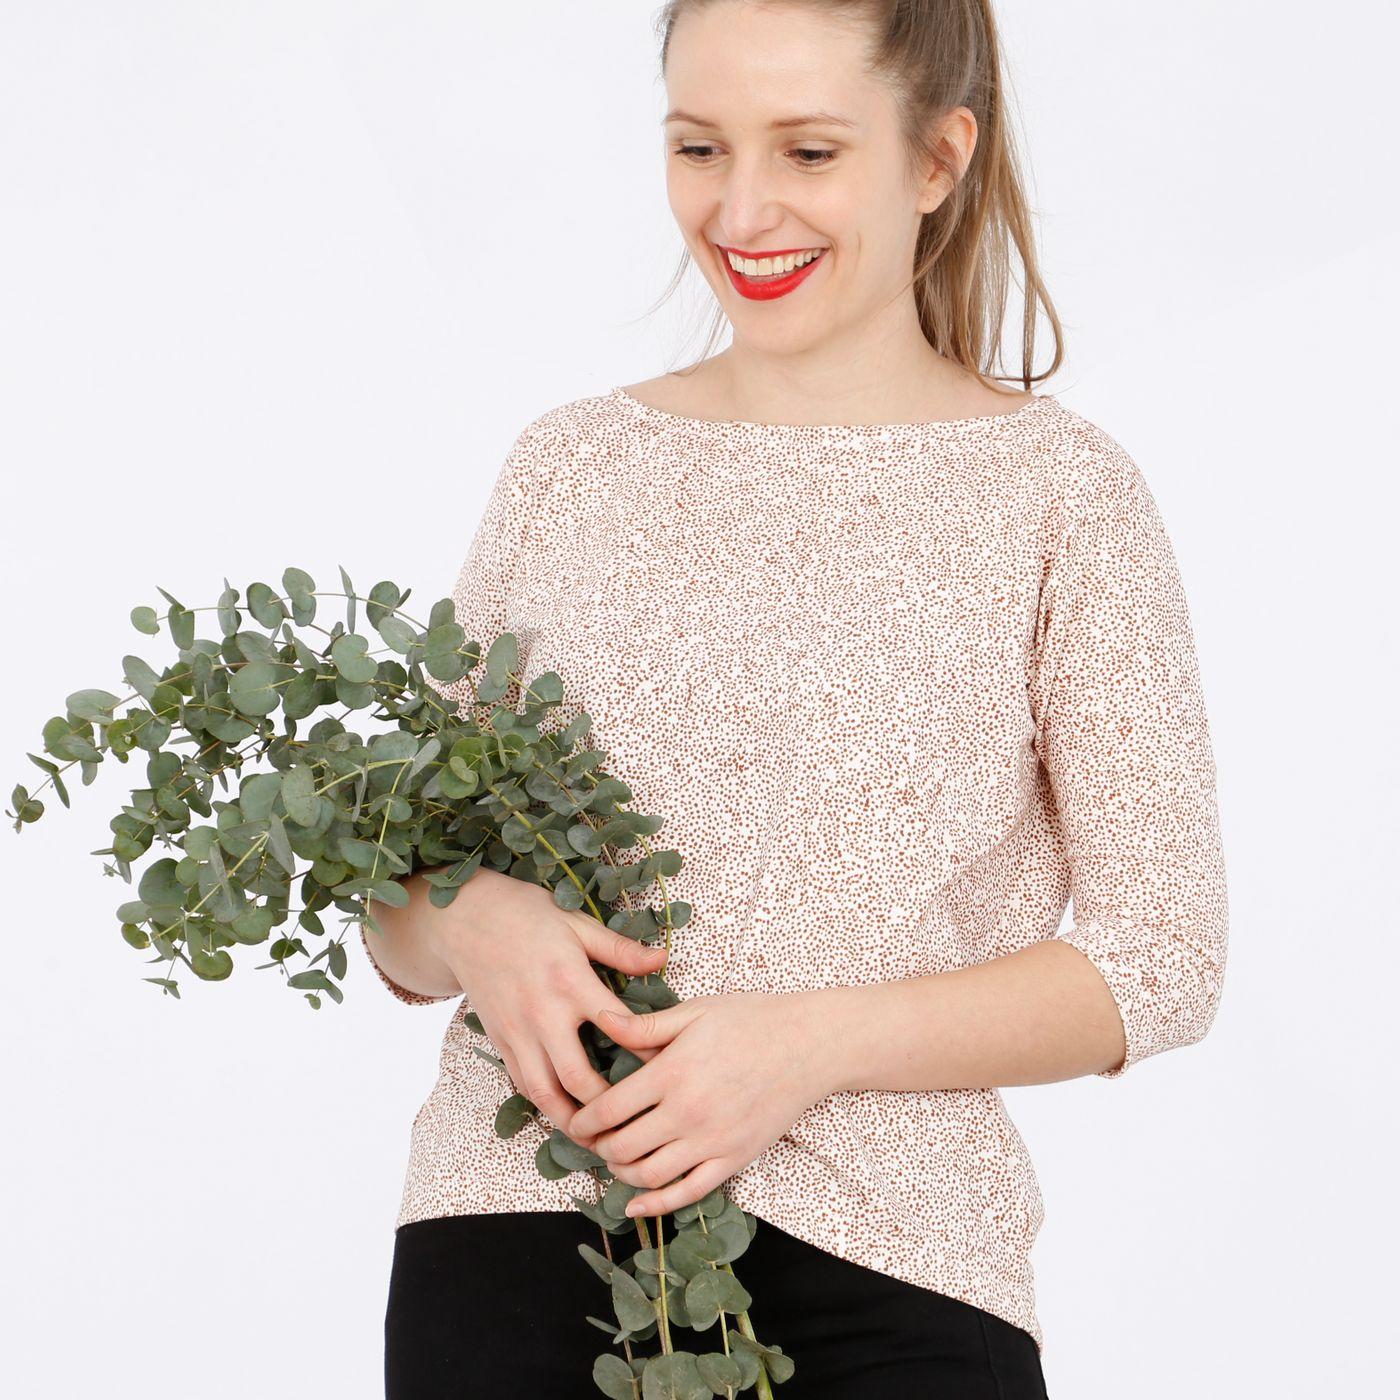 Produktfoto 8 von STUDIO SCHNITTREIF für Schnittmuster FRAU KARLA & KARLA Shirts im Partnerlook